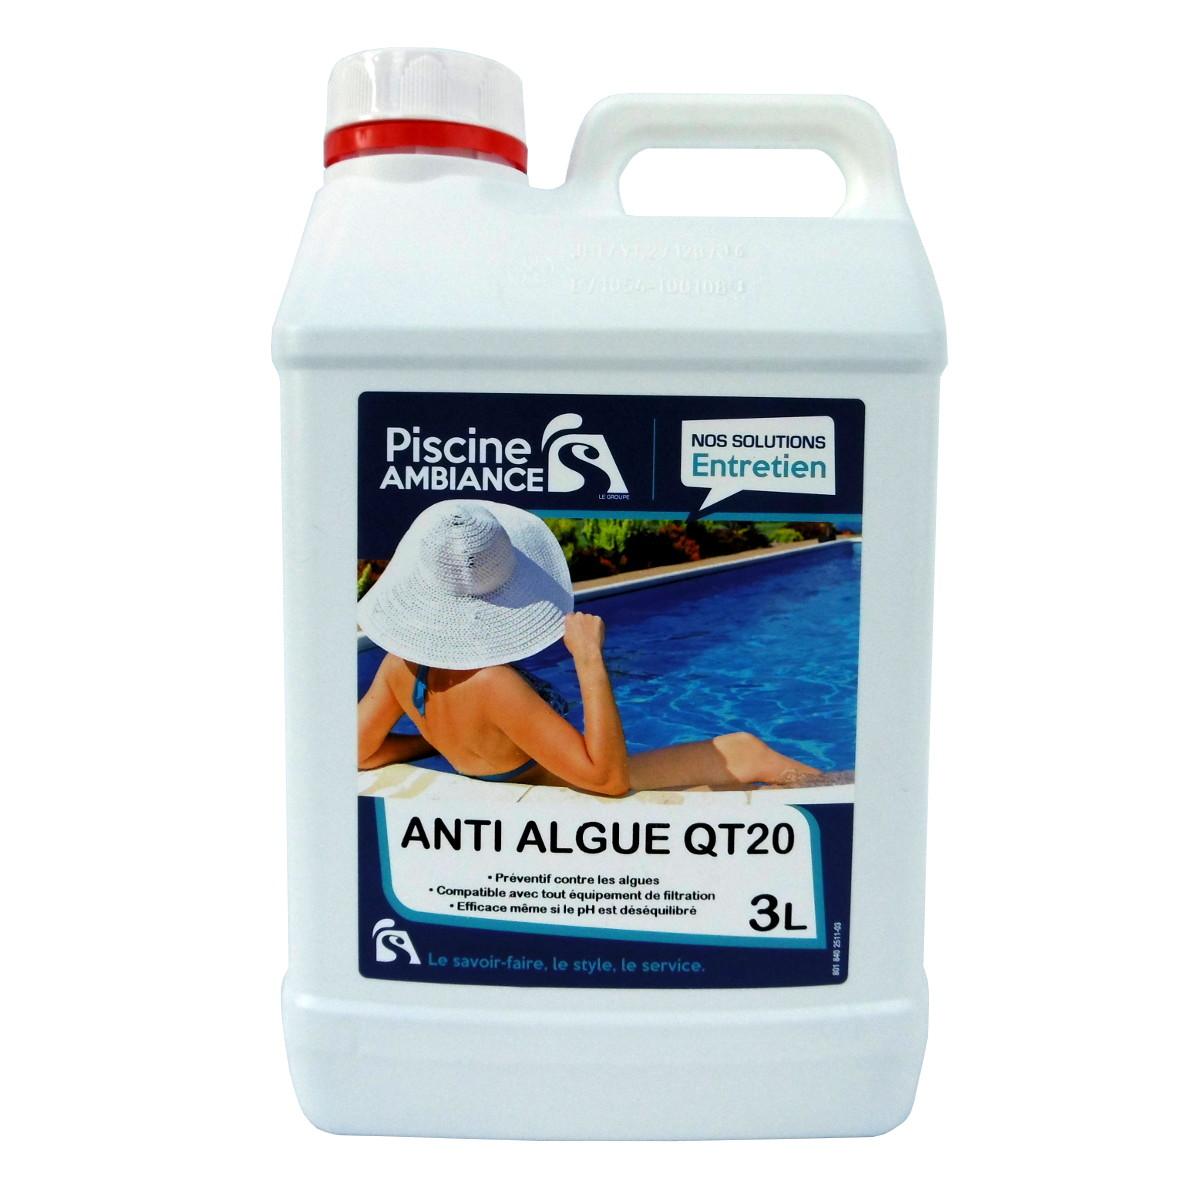 Anti algues QT20 3L | PISCINE AMBIANCES